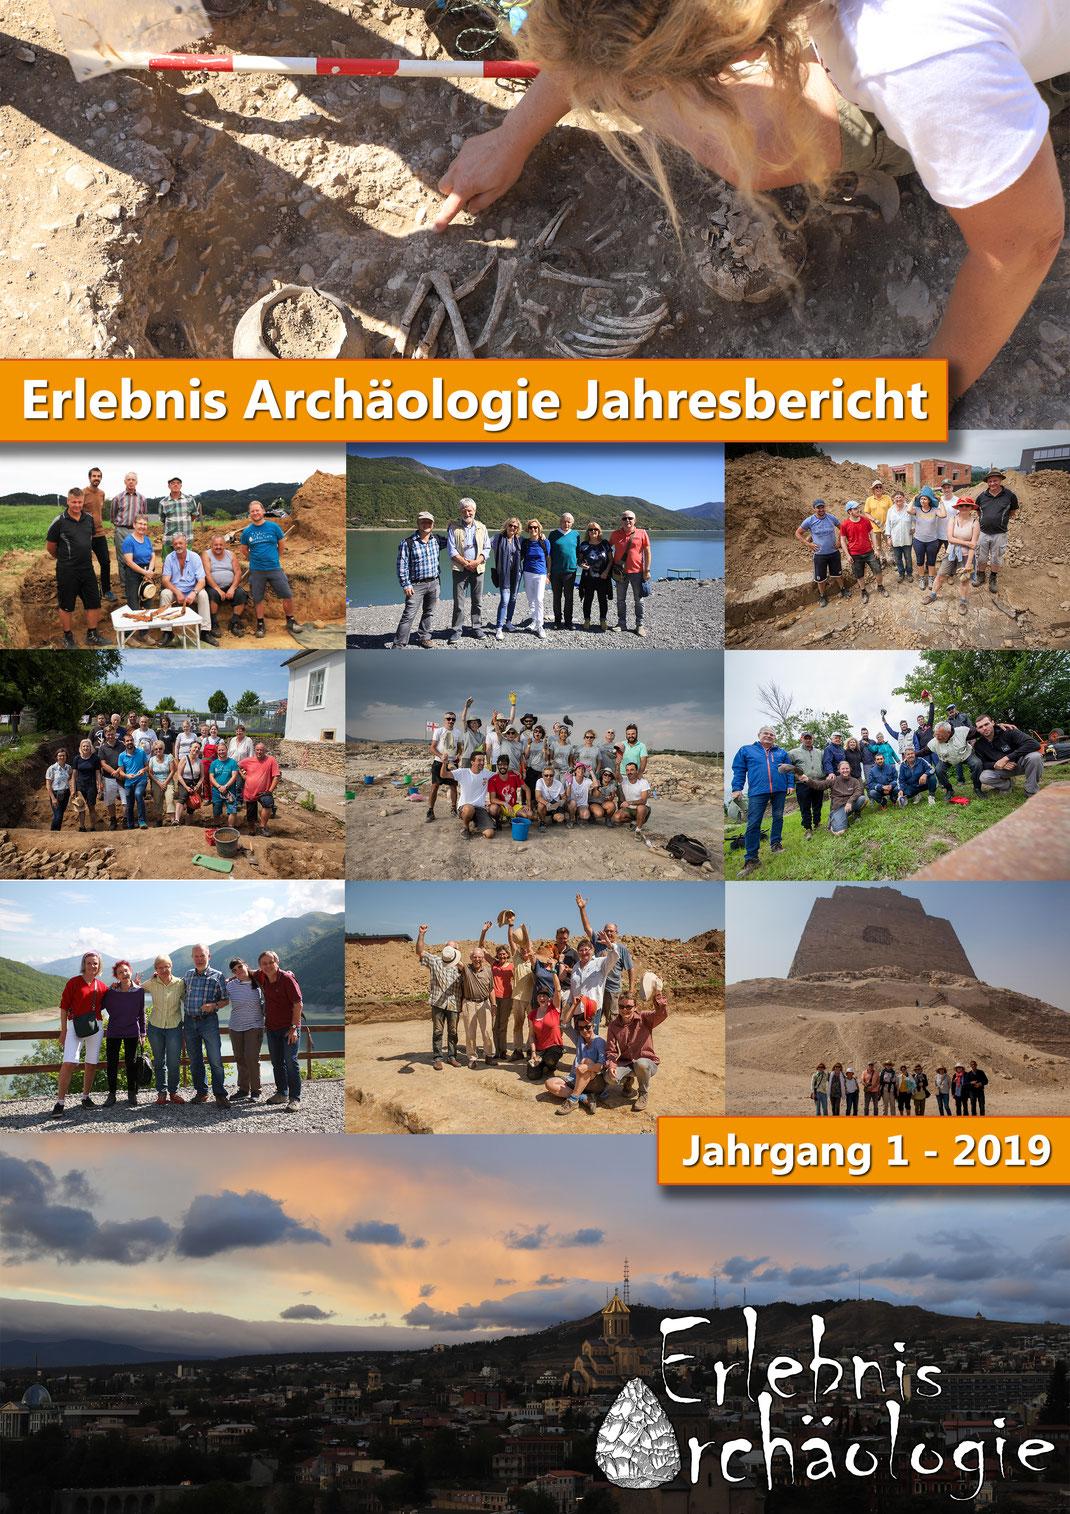 Erlebnis Archäologie